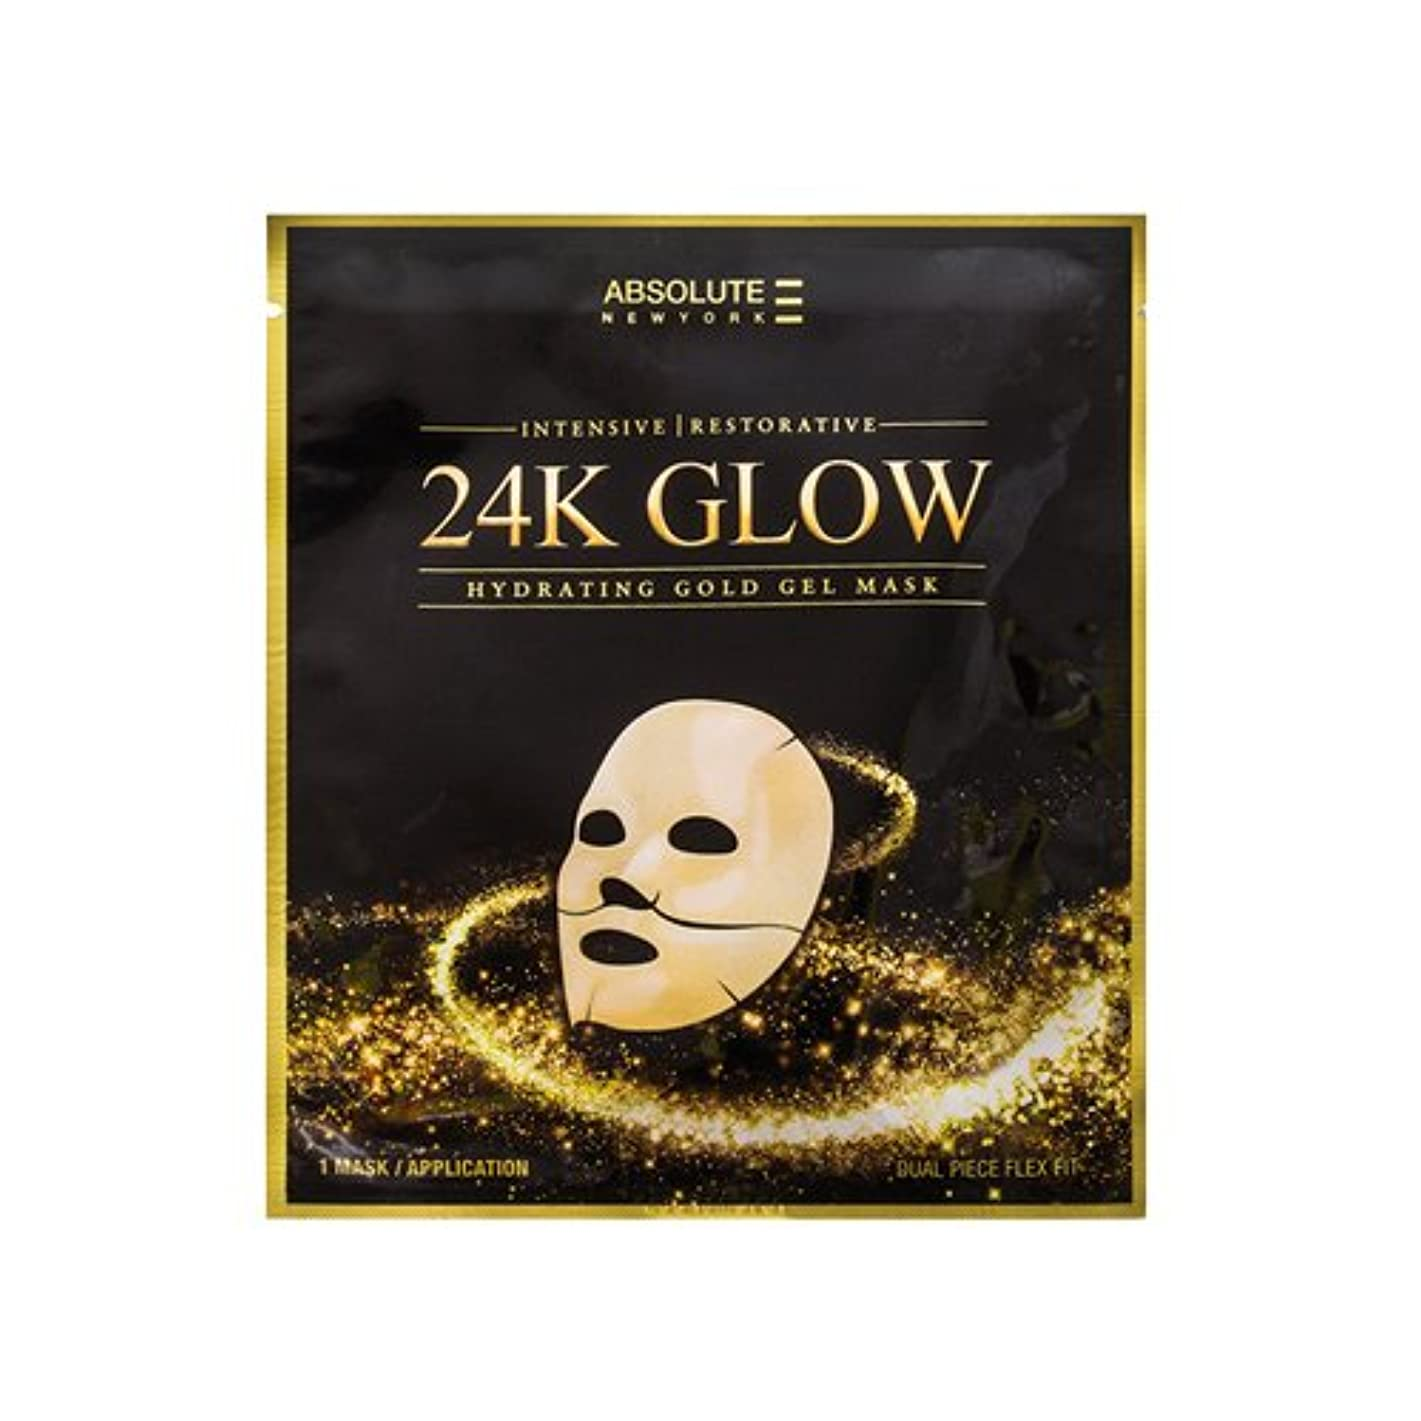 講堂作りミネラル(3 Pack) Absolute 24K Glow Gold Gel Mask (並行輸入品)